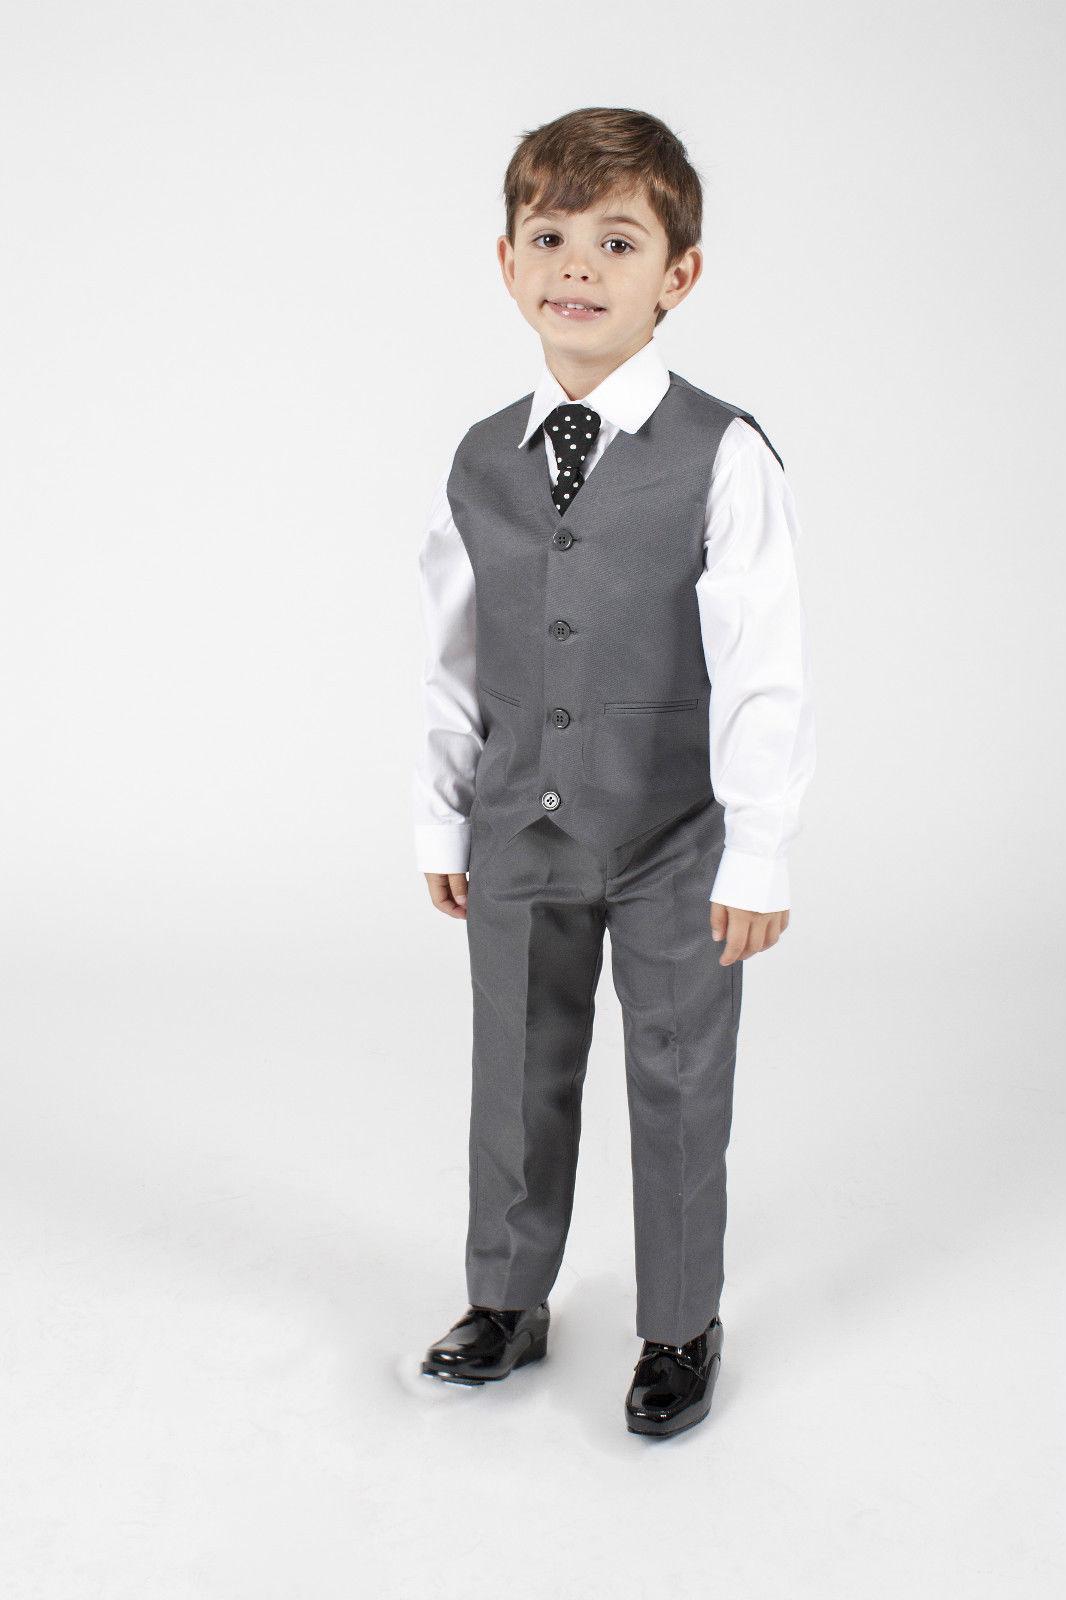 NOVINKA - dětský oblek k zapůjčení, 3m-9 let - Obrázek č. 4